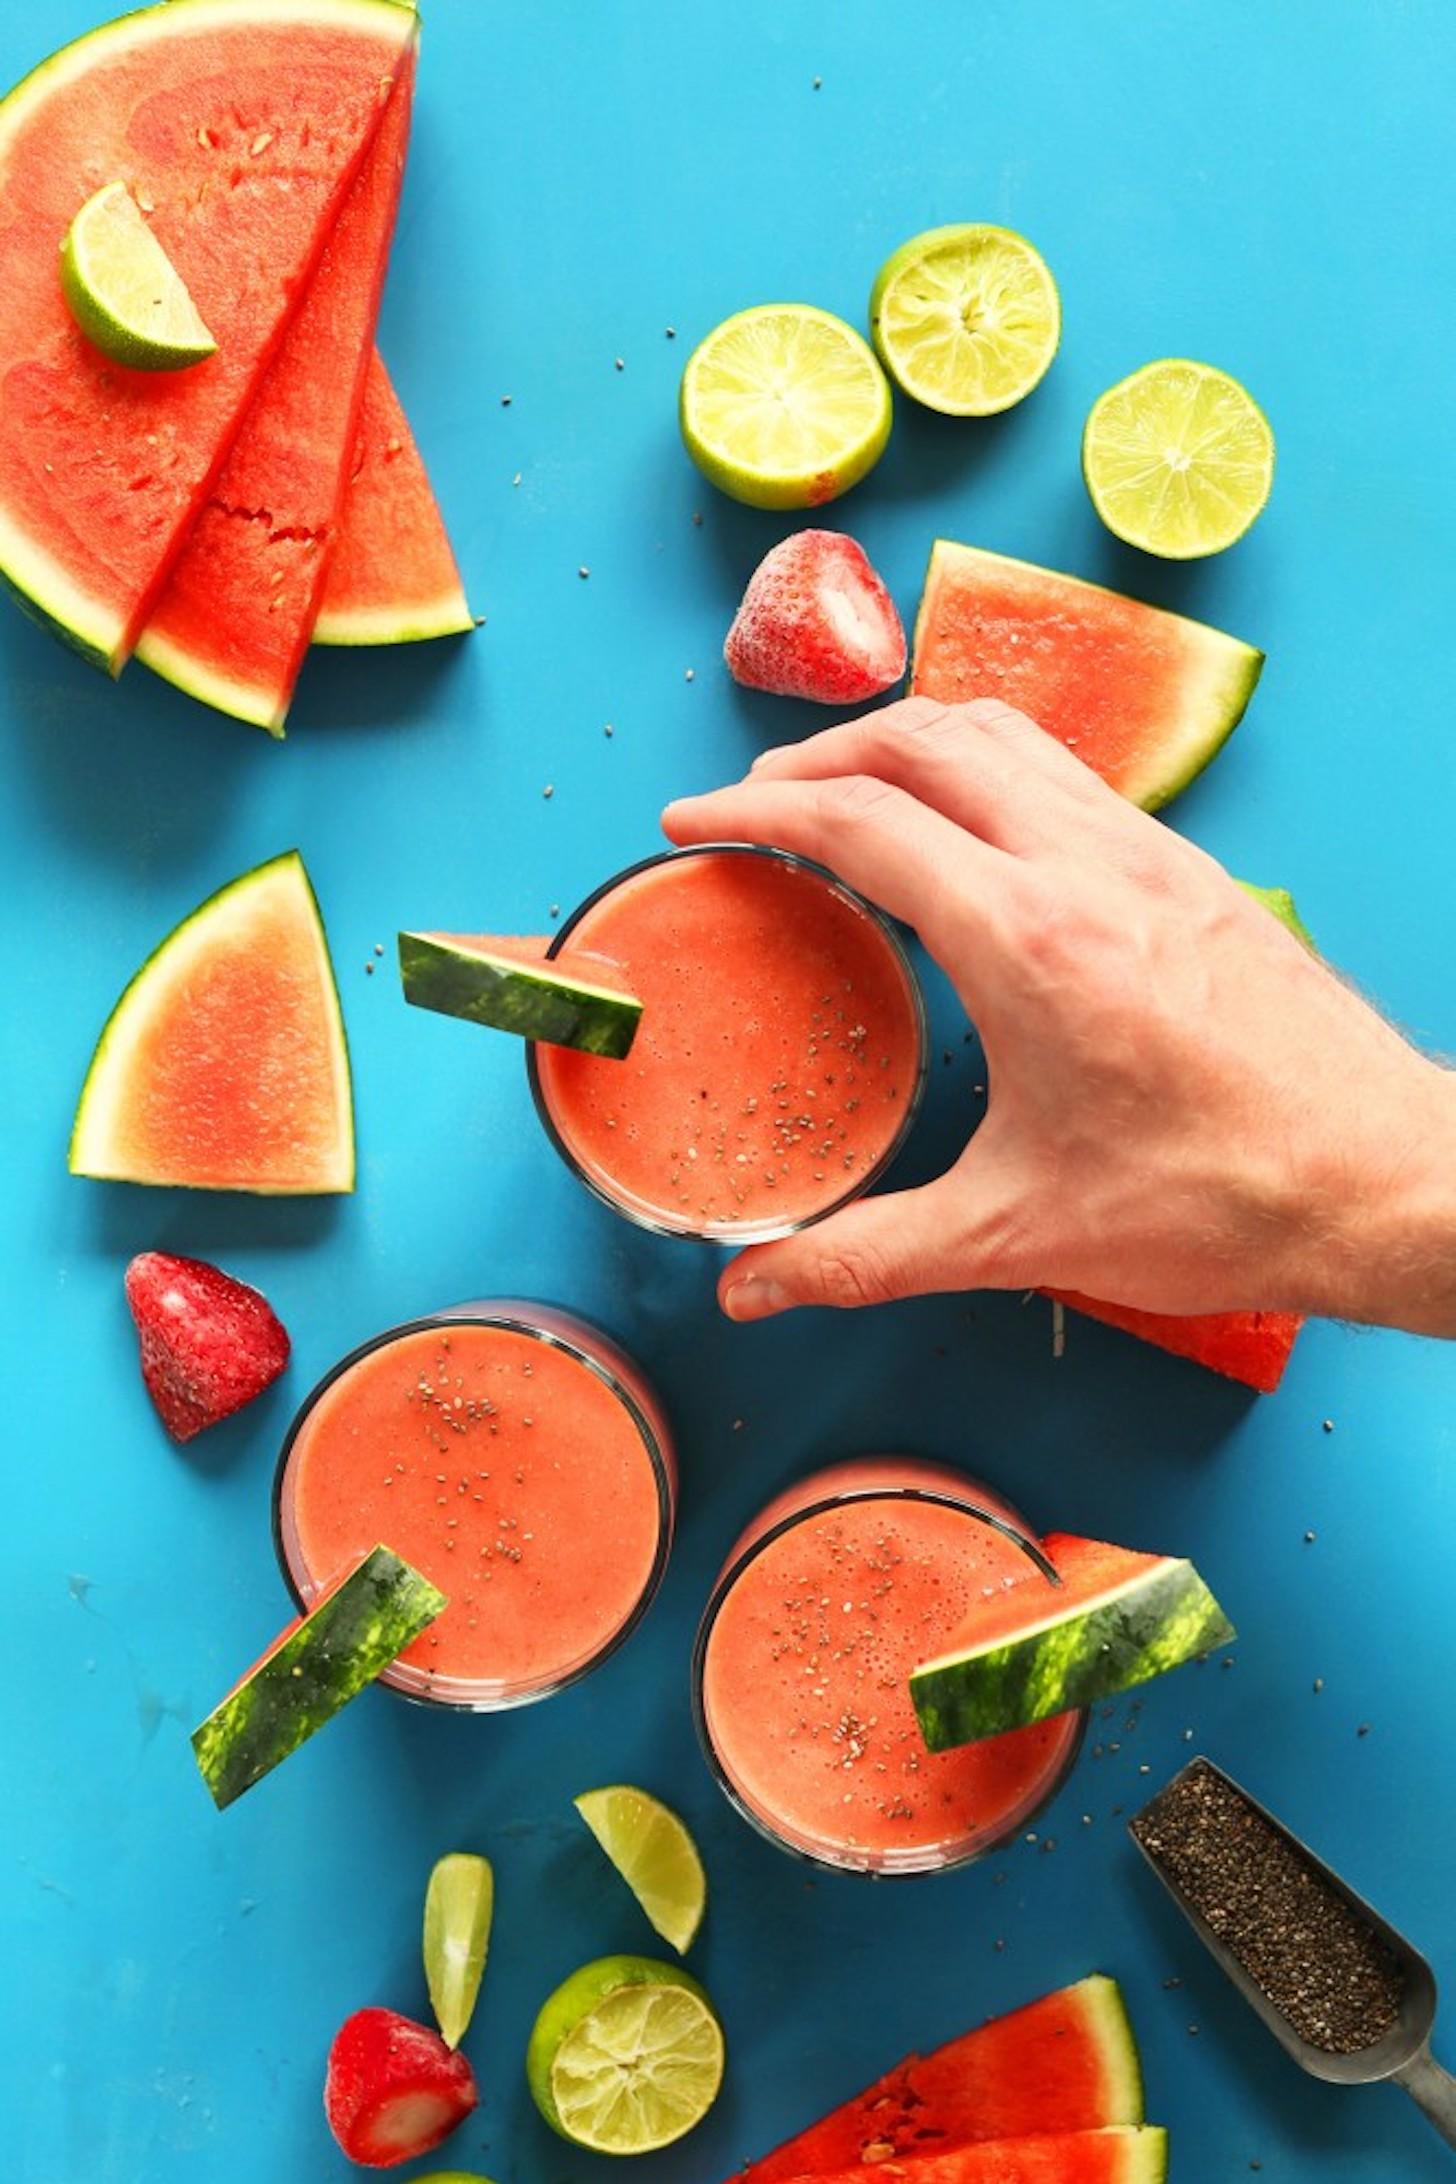 Strawberry Watermelon Smoothie Minimalist Baker Recipes,Veggie Burger Brands